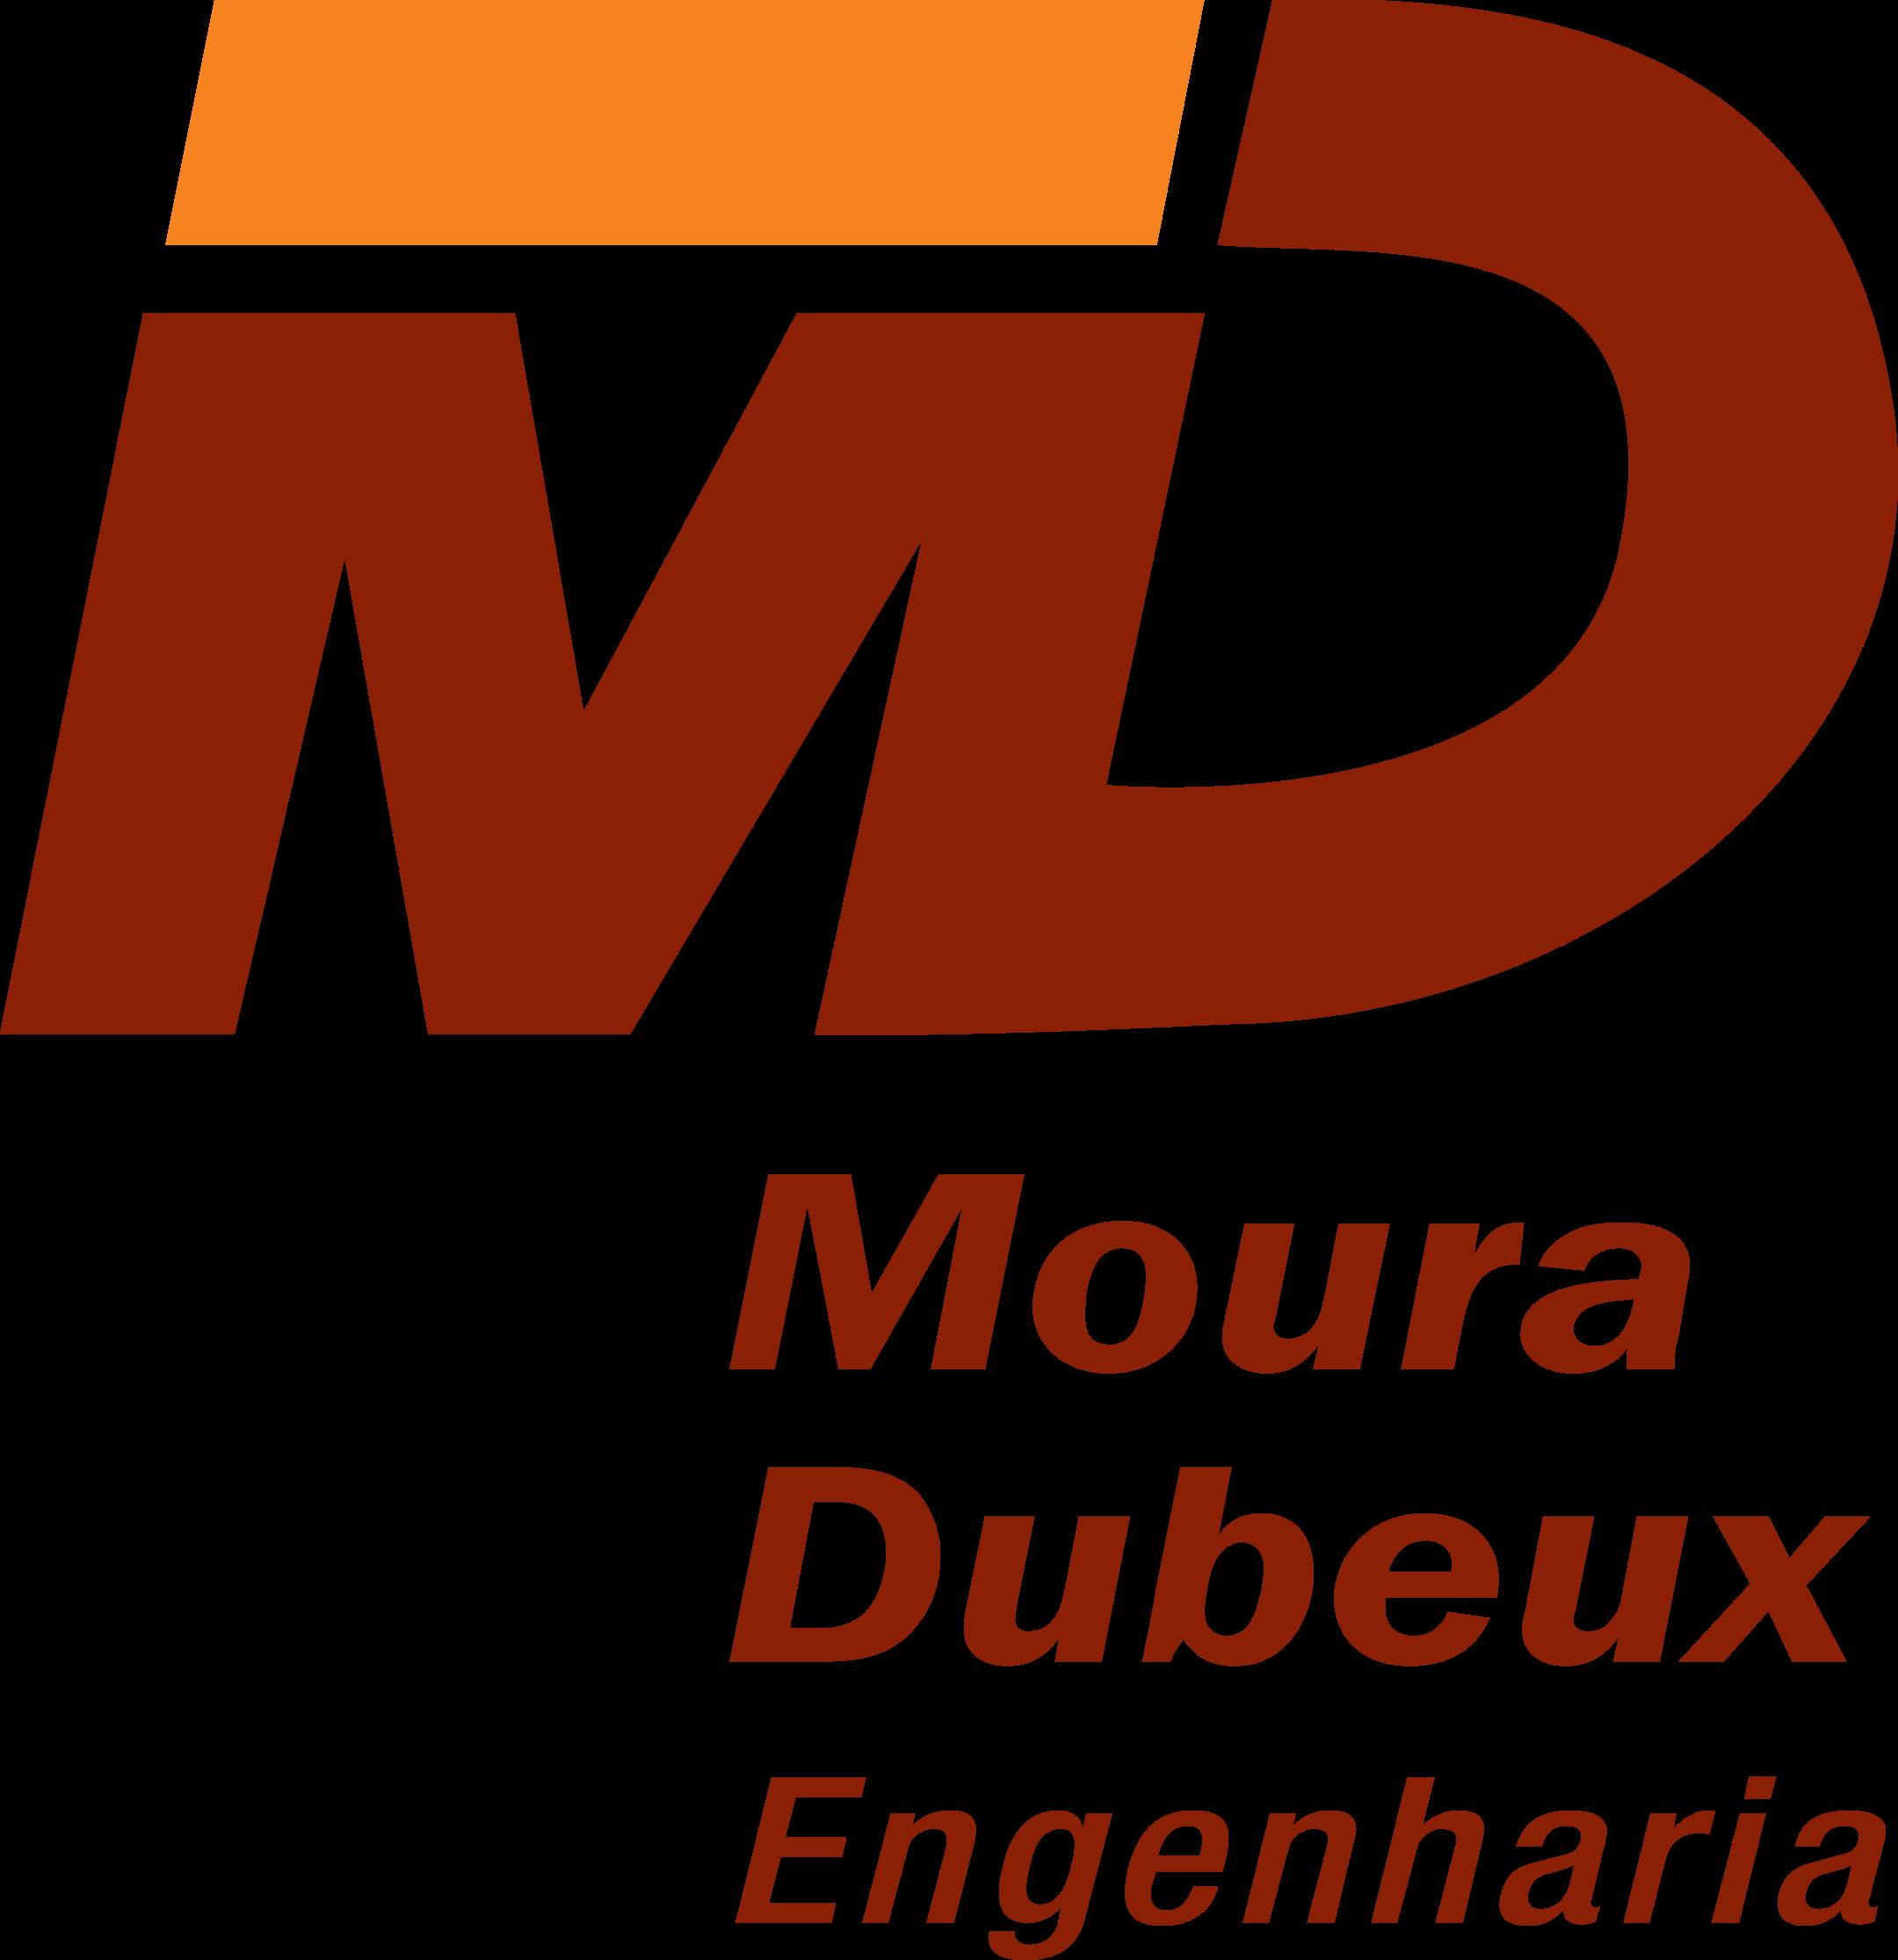 moura dubeux logo 1 - Moura Dubeux Logo